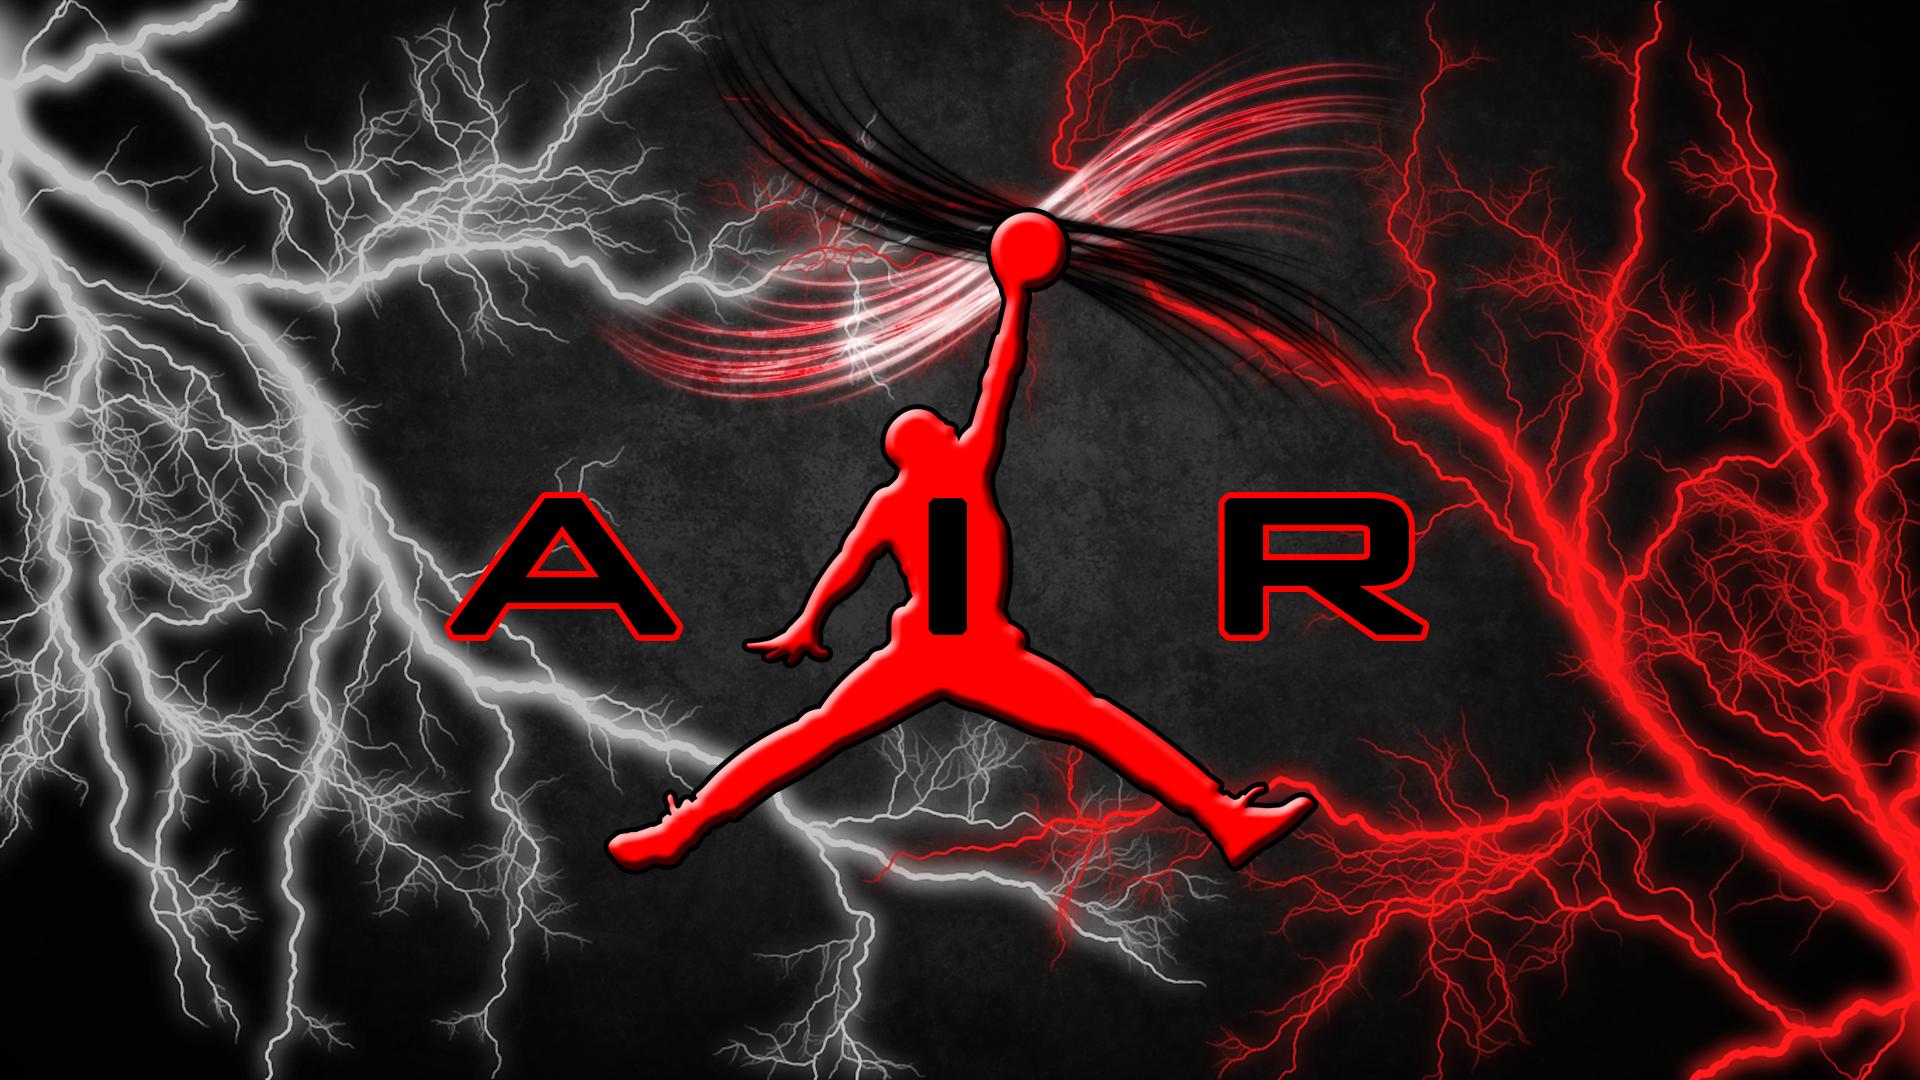 Air Jordan Wallpaper Air jordan jumpman by 1920x1080